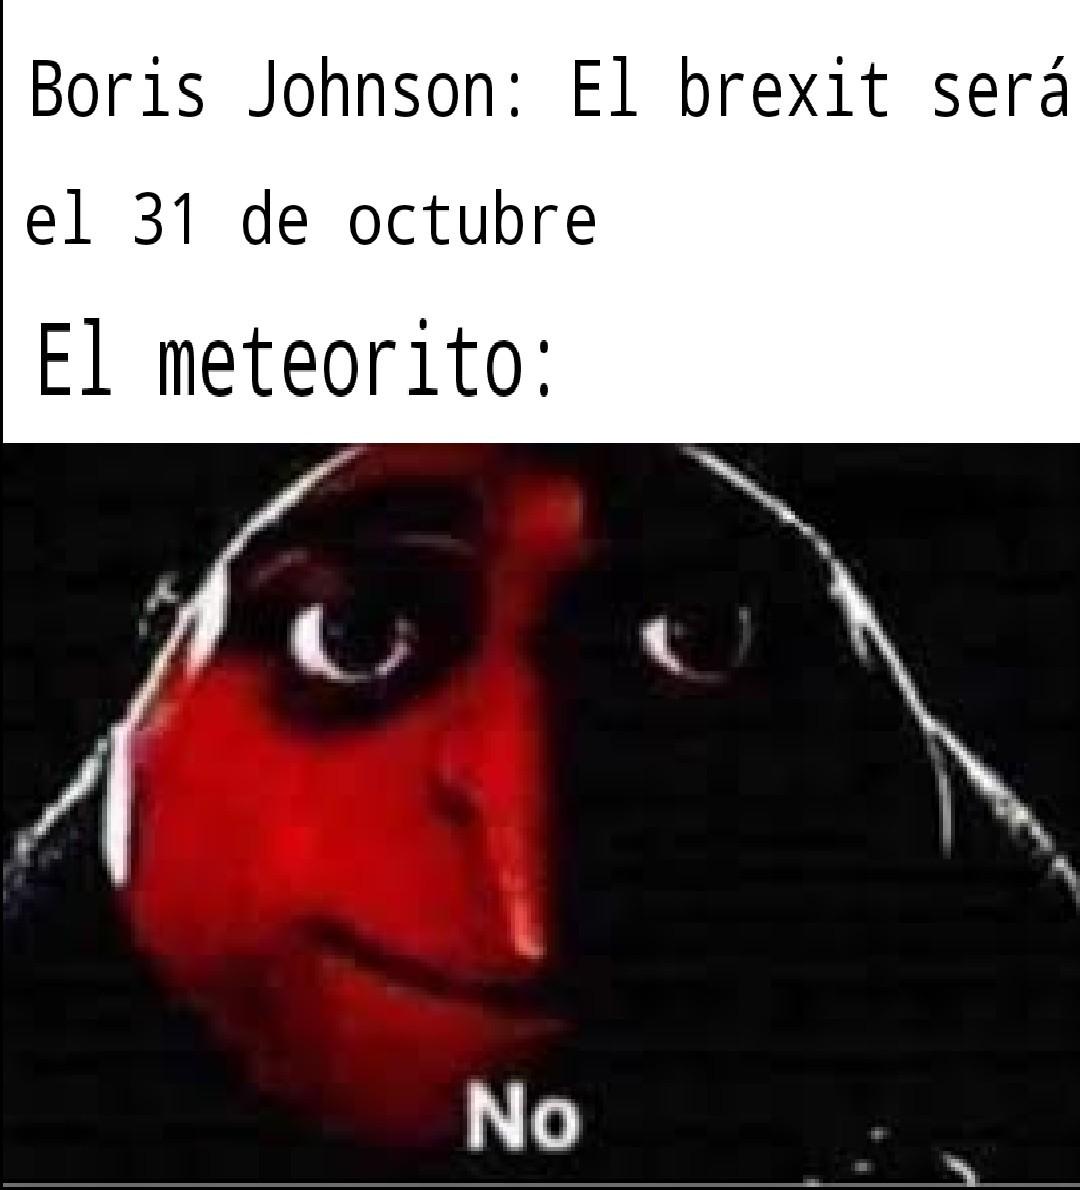 No es repost creo - meme